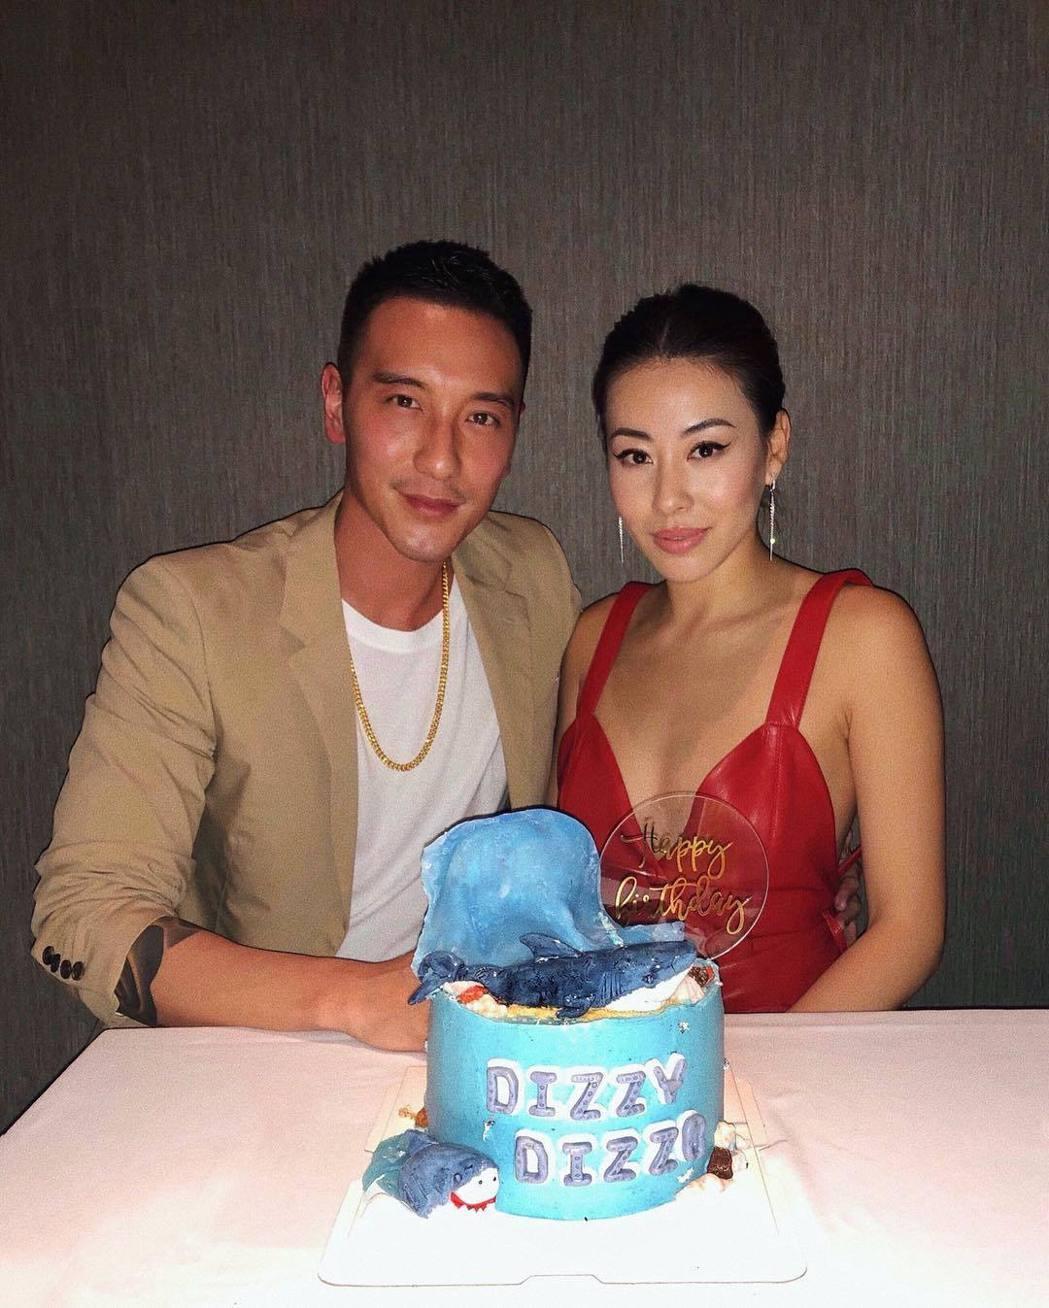 王陽明(左)、蔡詩芸夫婦傳出做人成功。圖/摘自IG